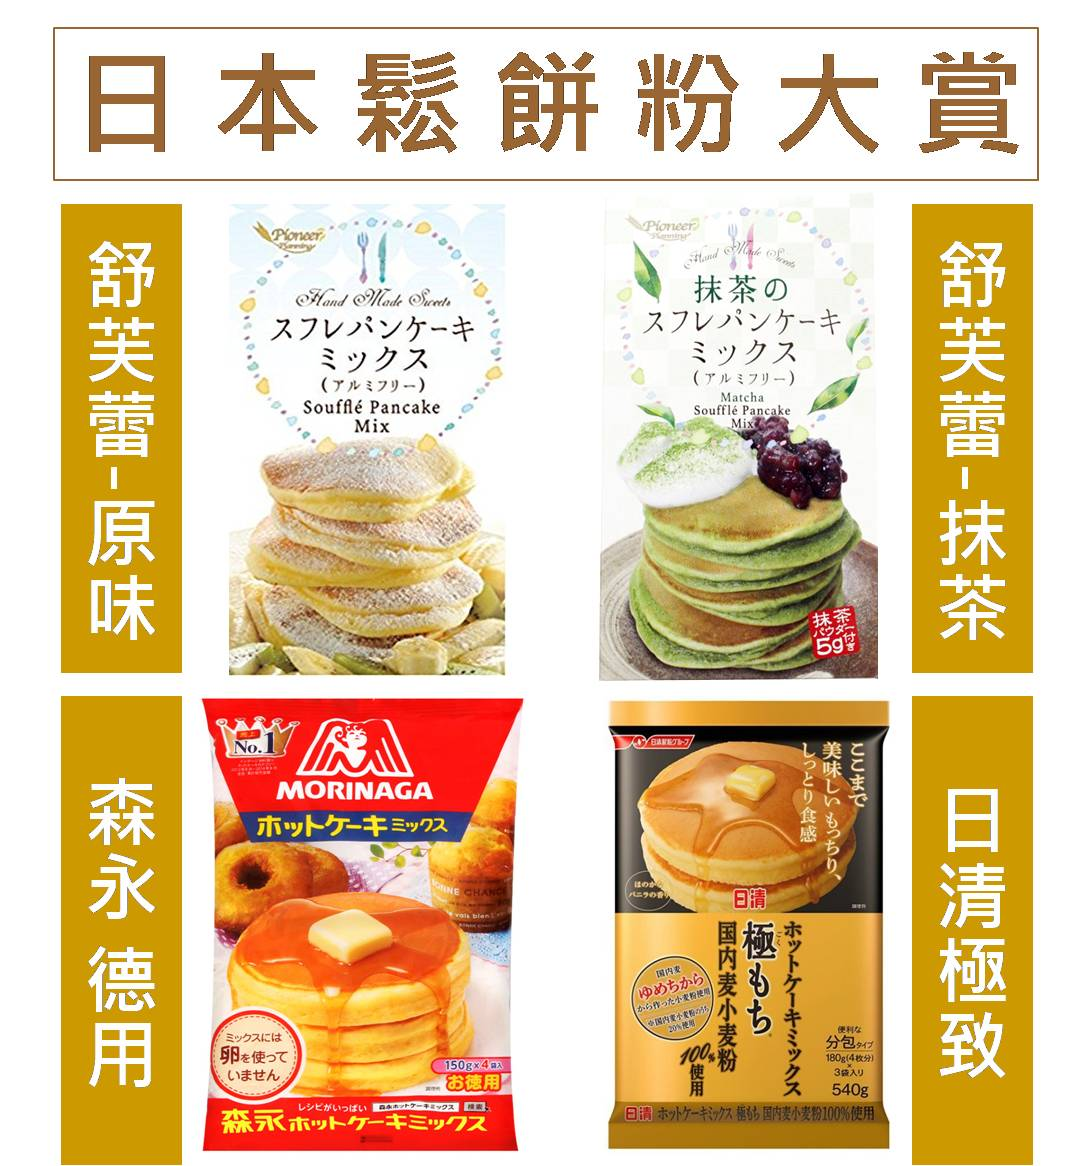 《Chara 微百貨》日本 森永 日清 Pioneer 北海道 舒芙蕾 鬆餅粉 抹茶 250g 鬆餅 極致 糖漿 1